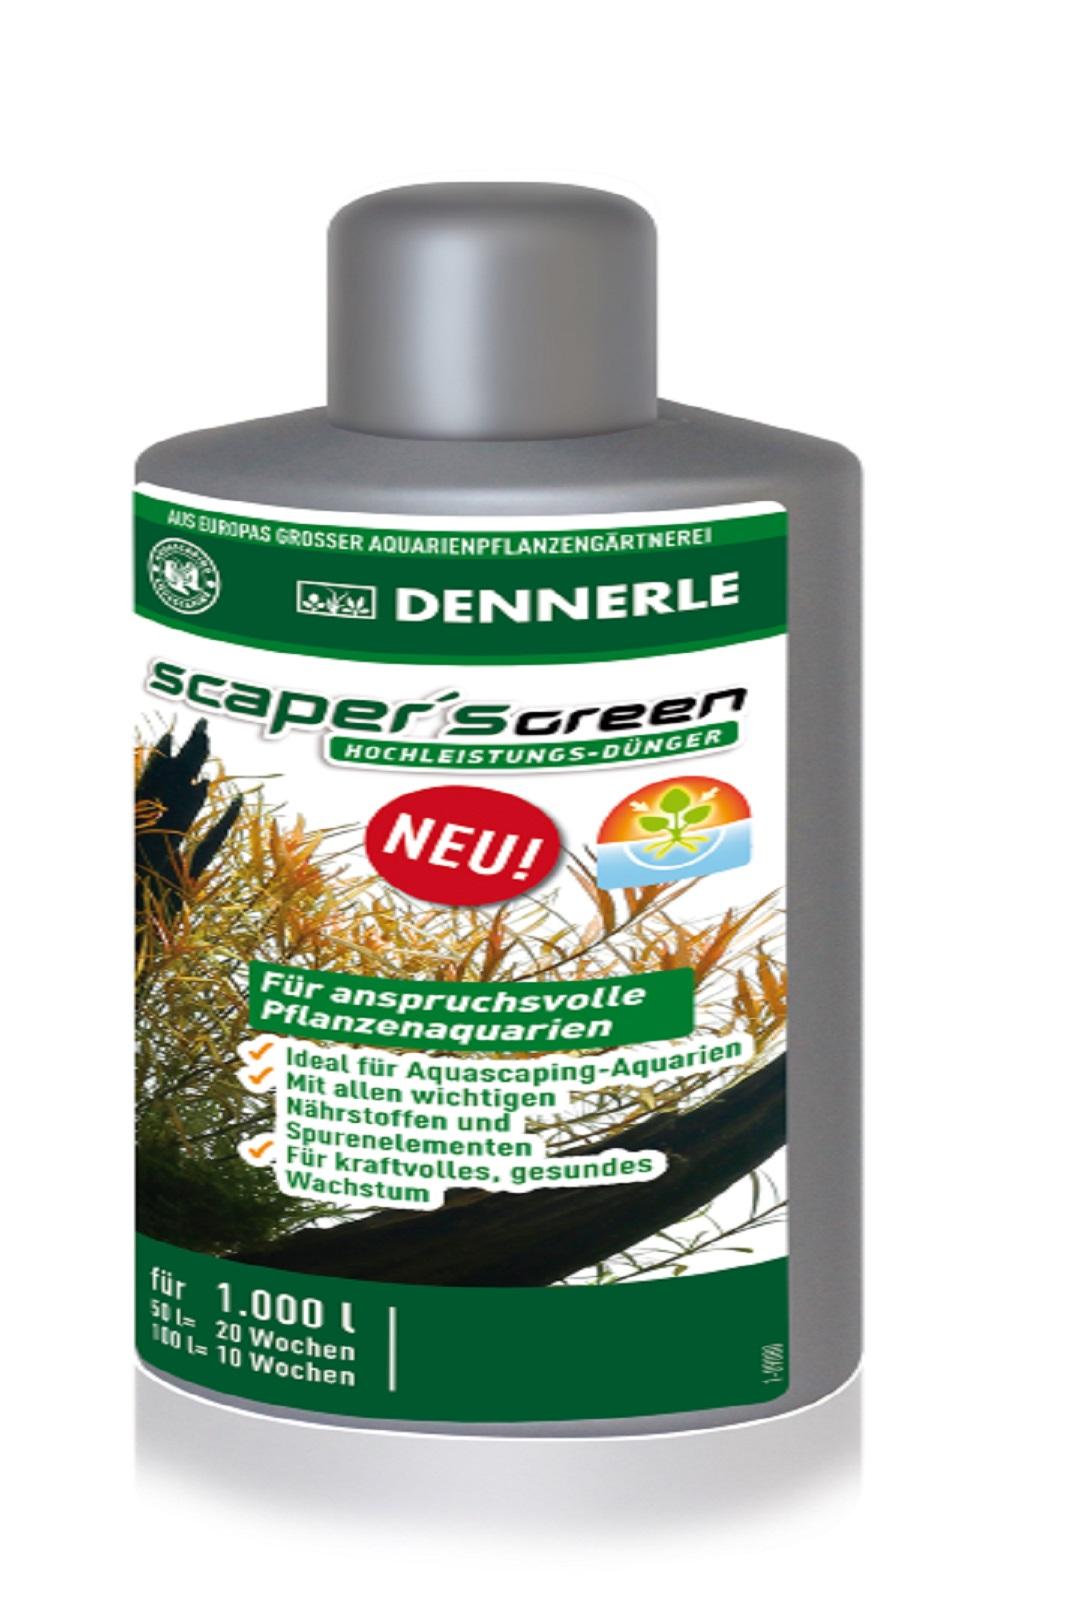 Dennerle  Scaper's Green-Dünger 100 ml für anspruchsvolle Aquariumpflanzen